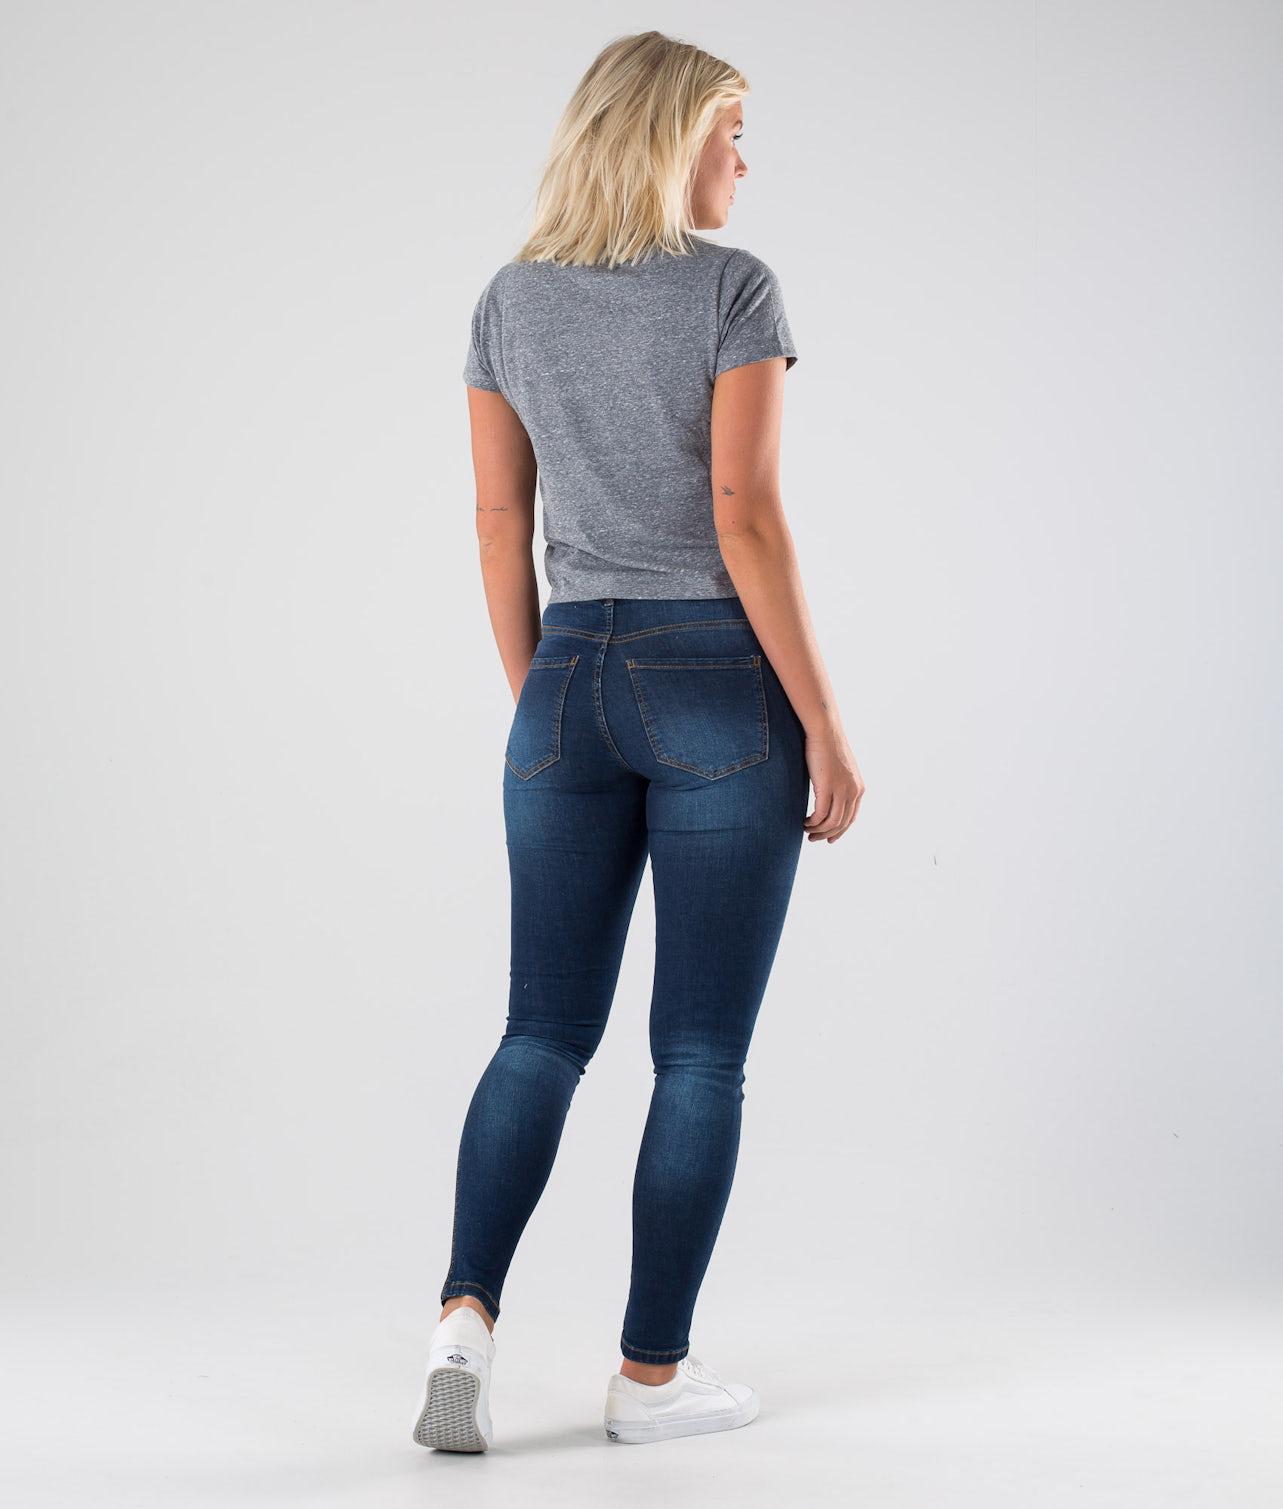 Kjøp Trifecta T-shirt fra Vans på Ridestore.no - Hos oss har du alltid fri frakt, fri retur og 30 dagers åpent kjøp!